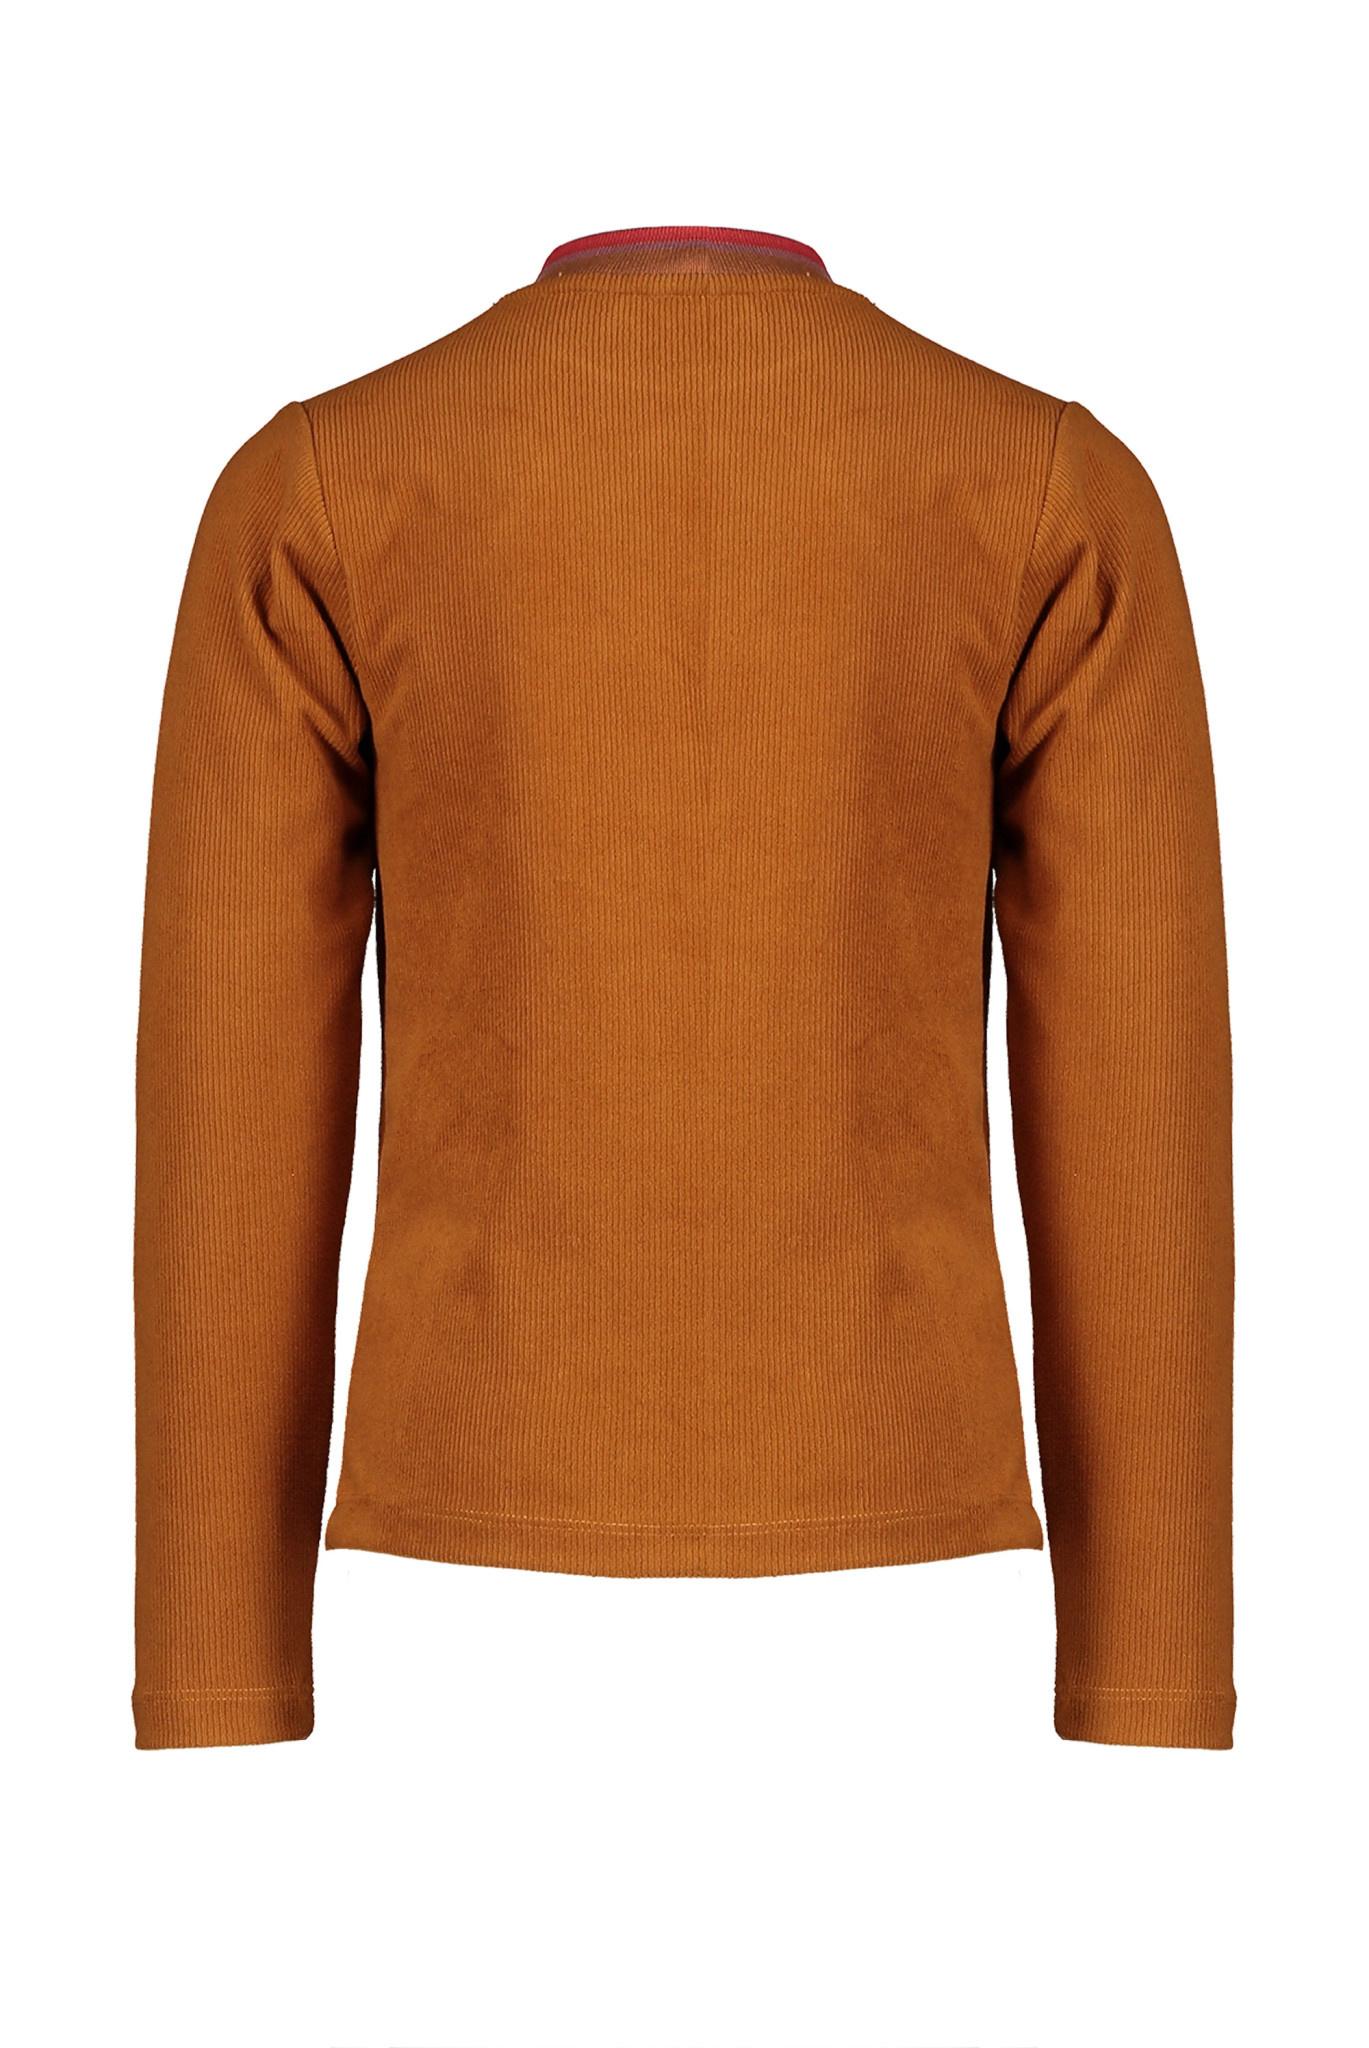 Kusan Velour Rib Shirt